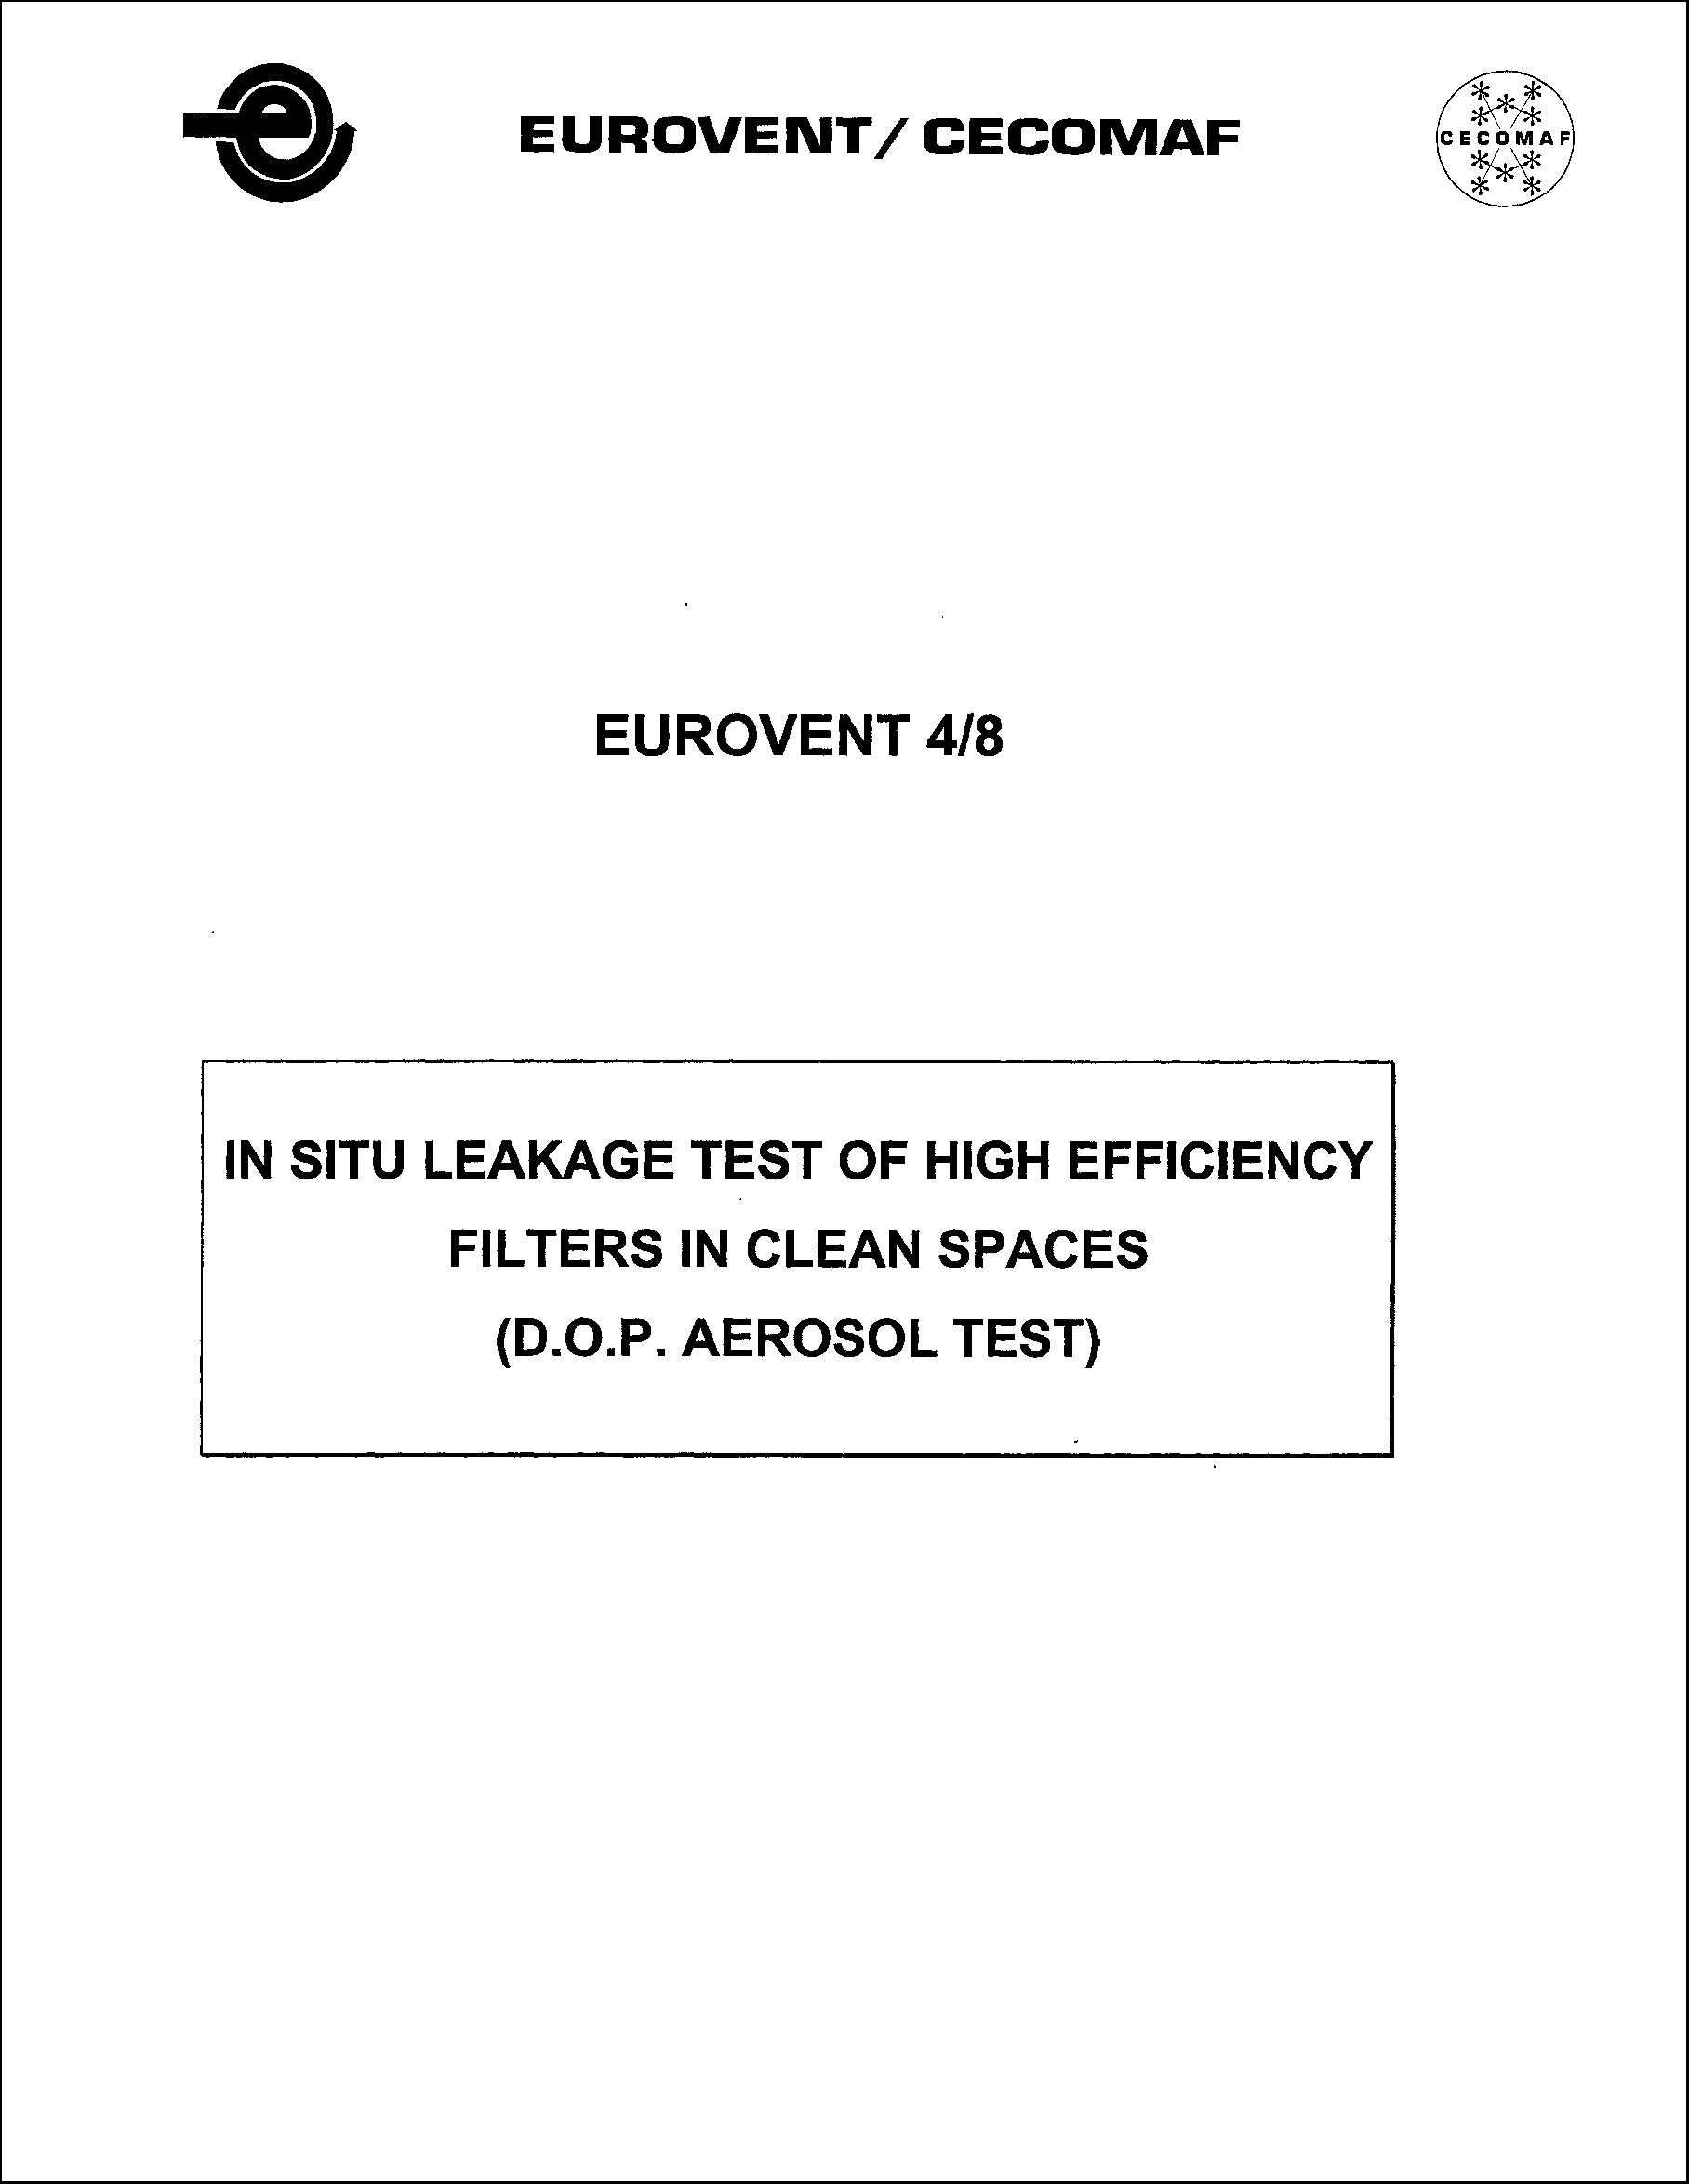 1985 - In situ leakage test of high efficiency filters in clean spaces